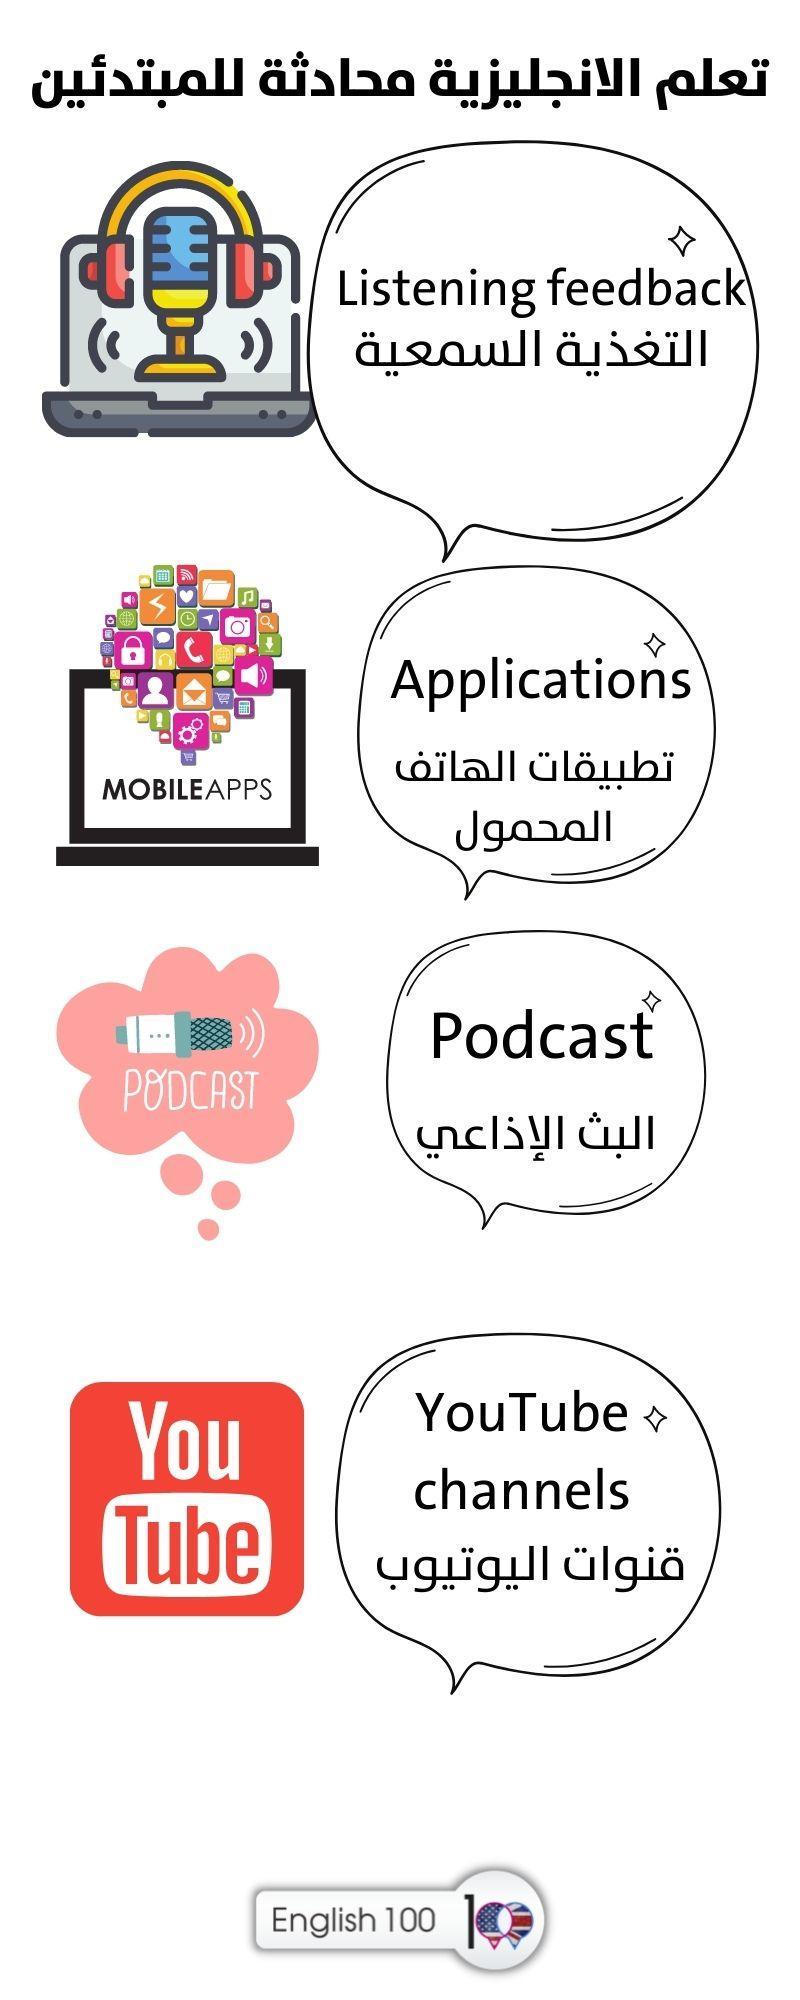 تعلم الانجليزية محادثة للمبتدئين Learn English Conversation for _Beginners_